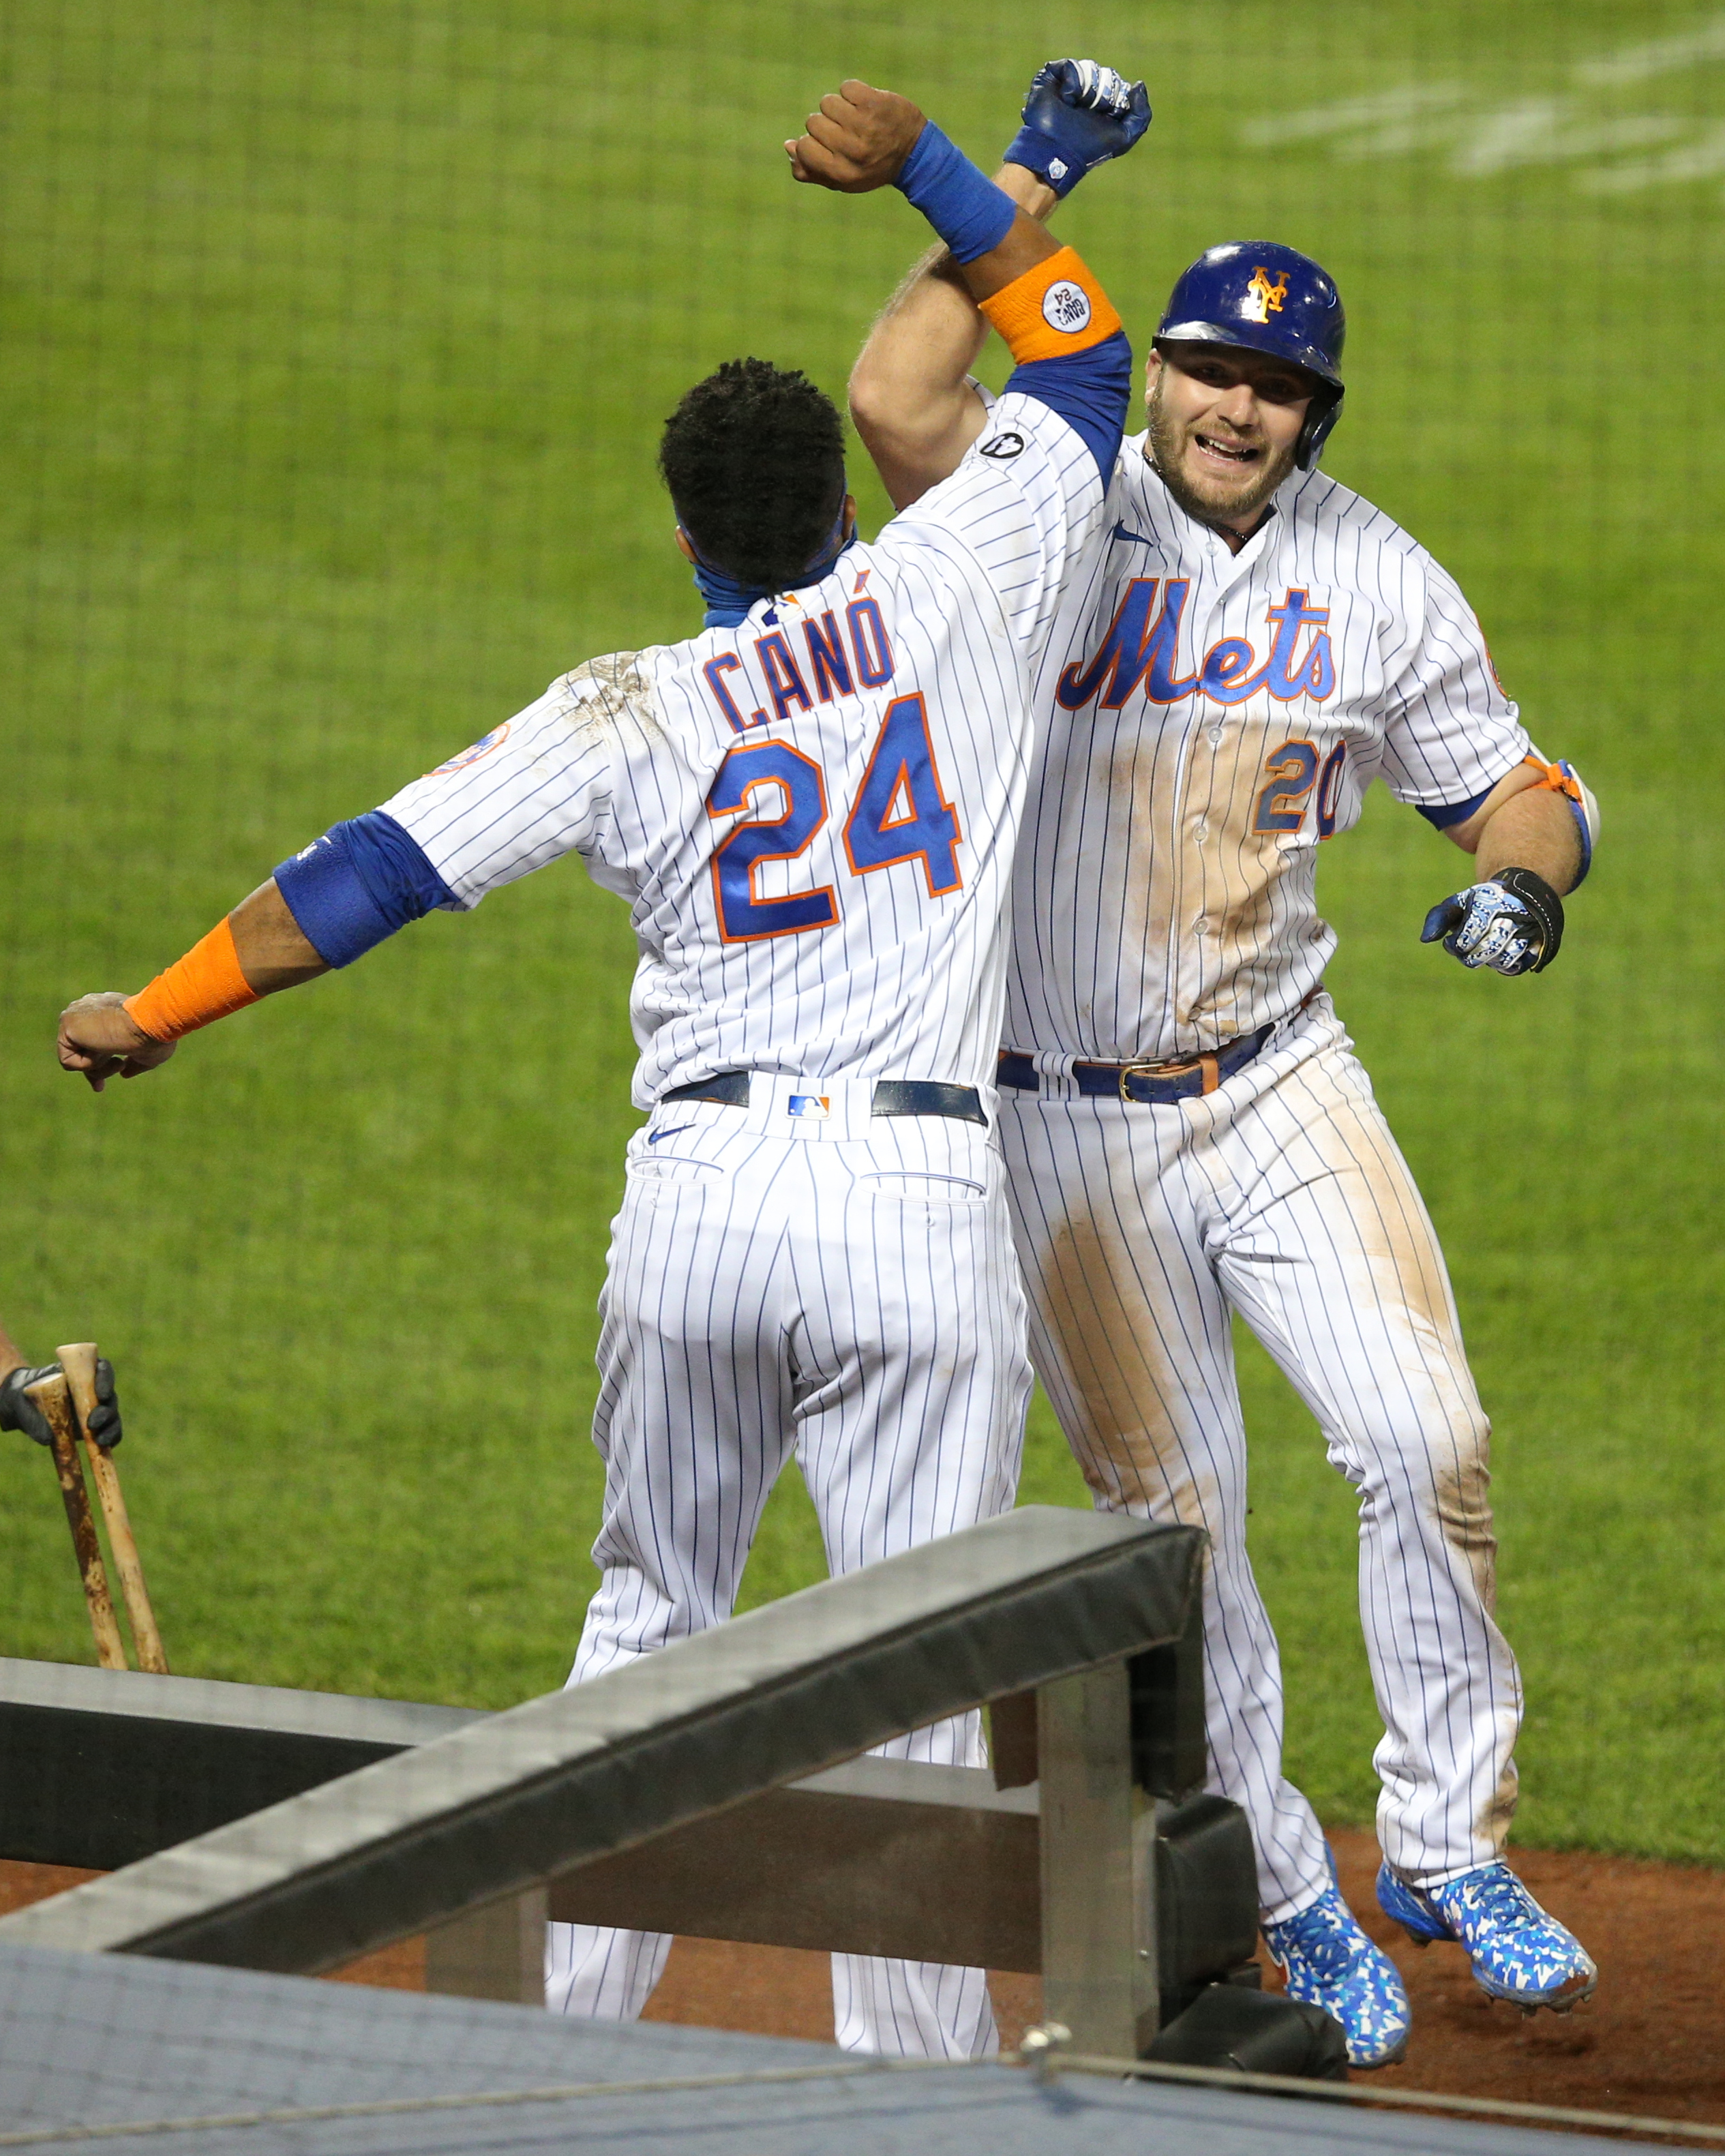 MLB: Tampa Bay Rays at New York Mets